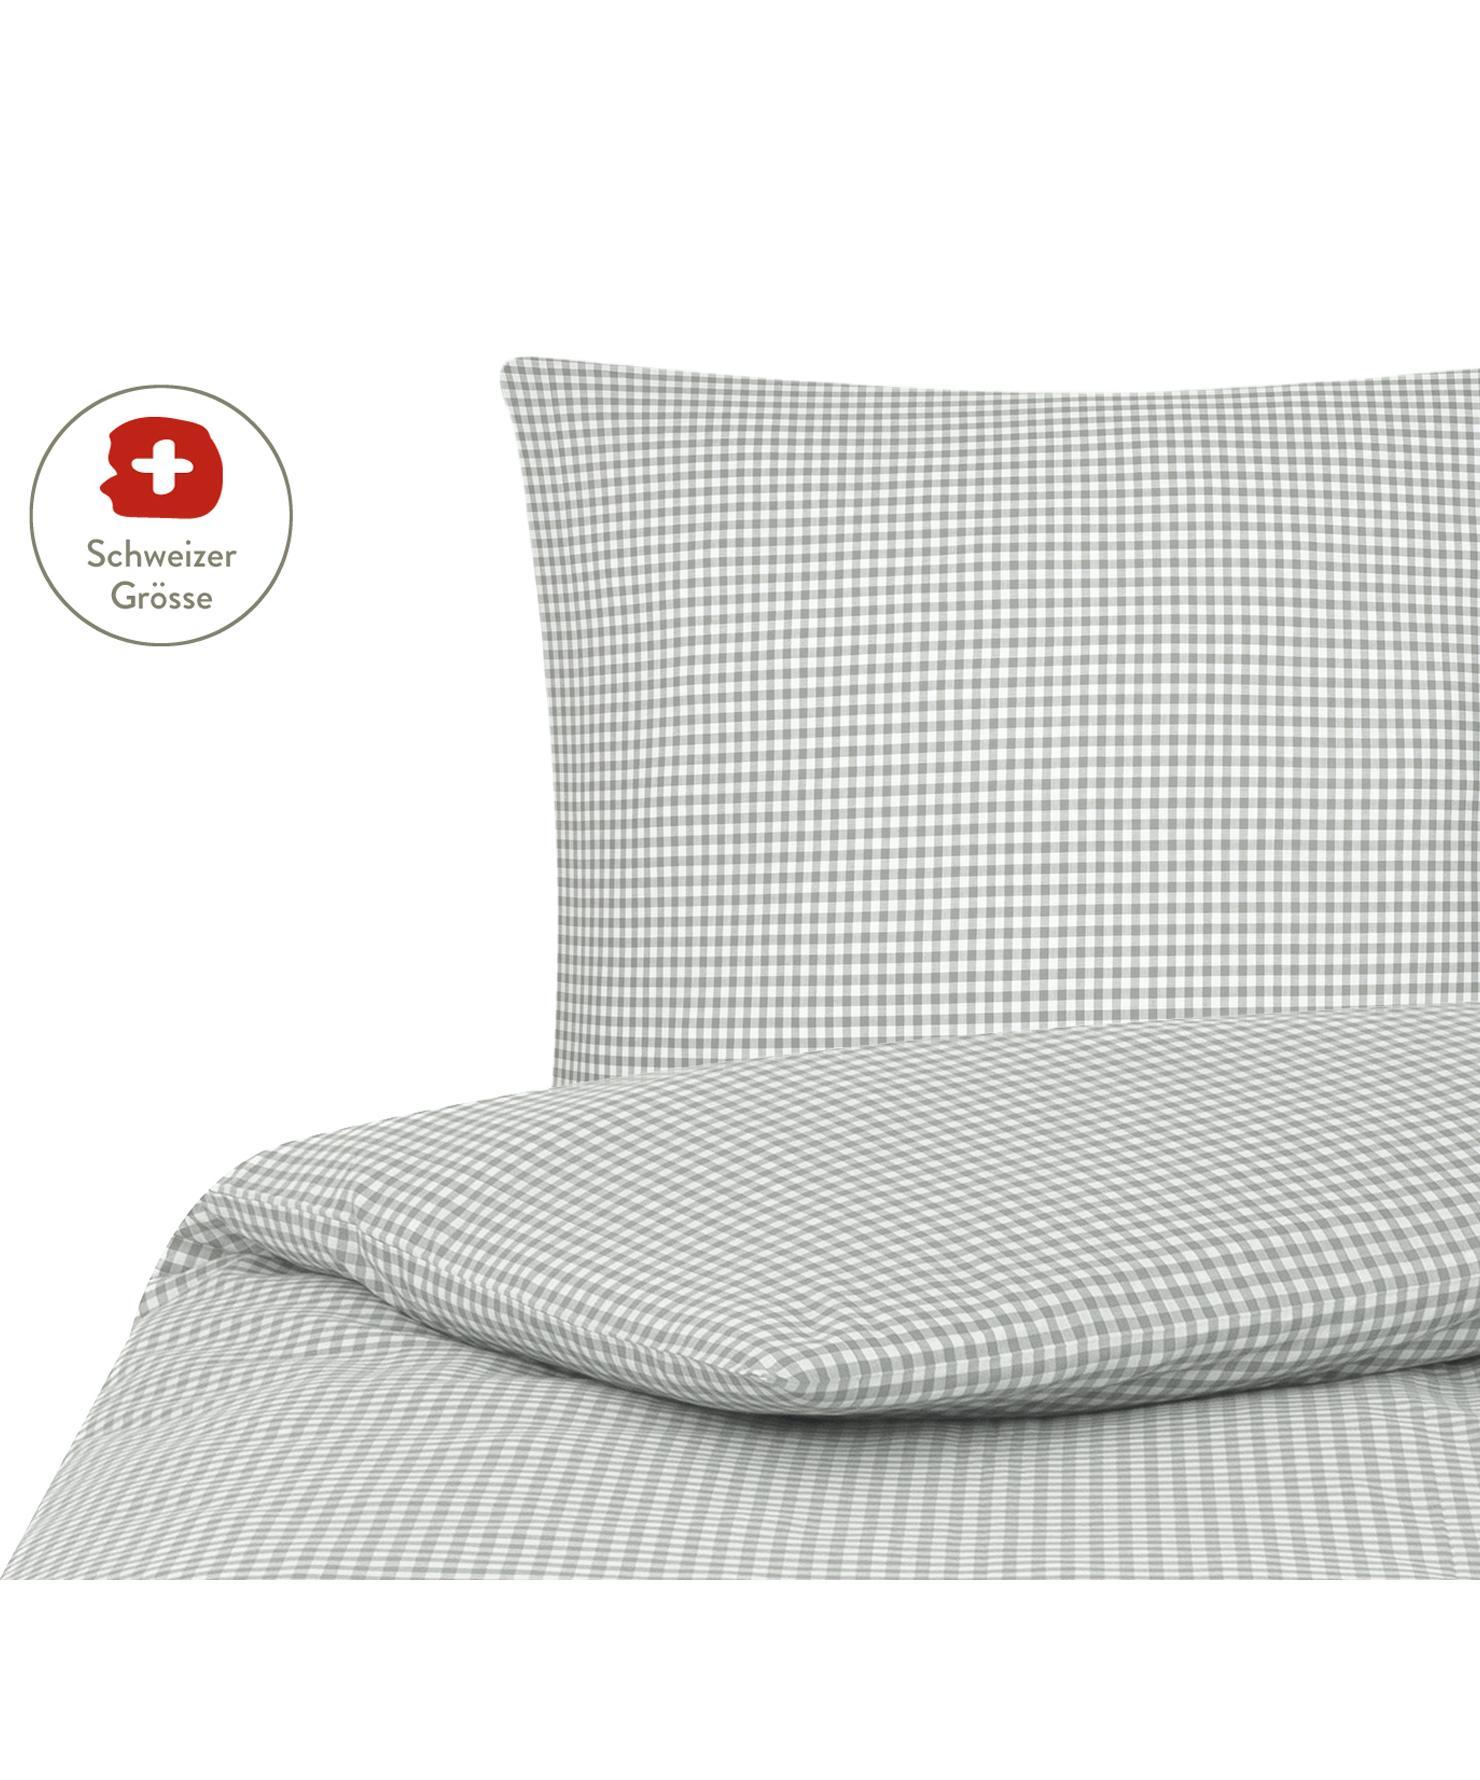 Baumwoll-Bettdeckenbezug Scotty, kariert, Baumwolle, Hellgrau/Weiss, 160 x 210 cm